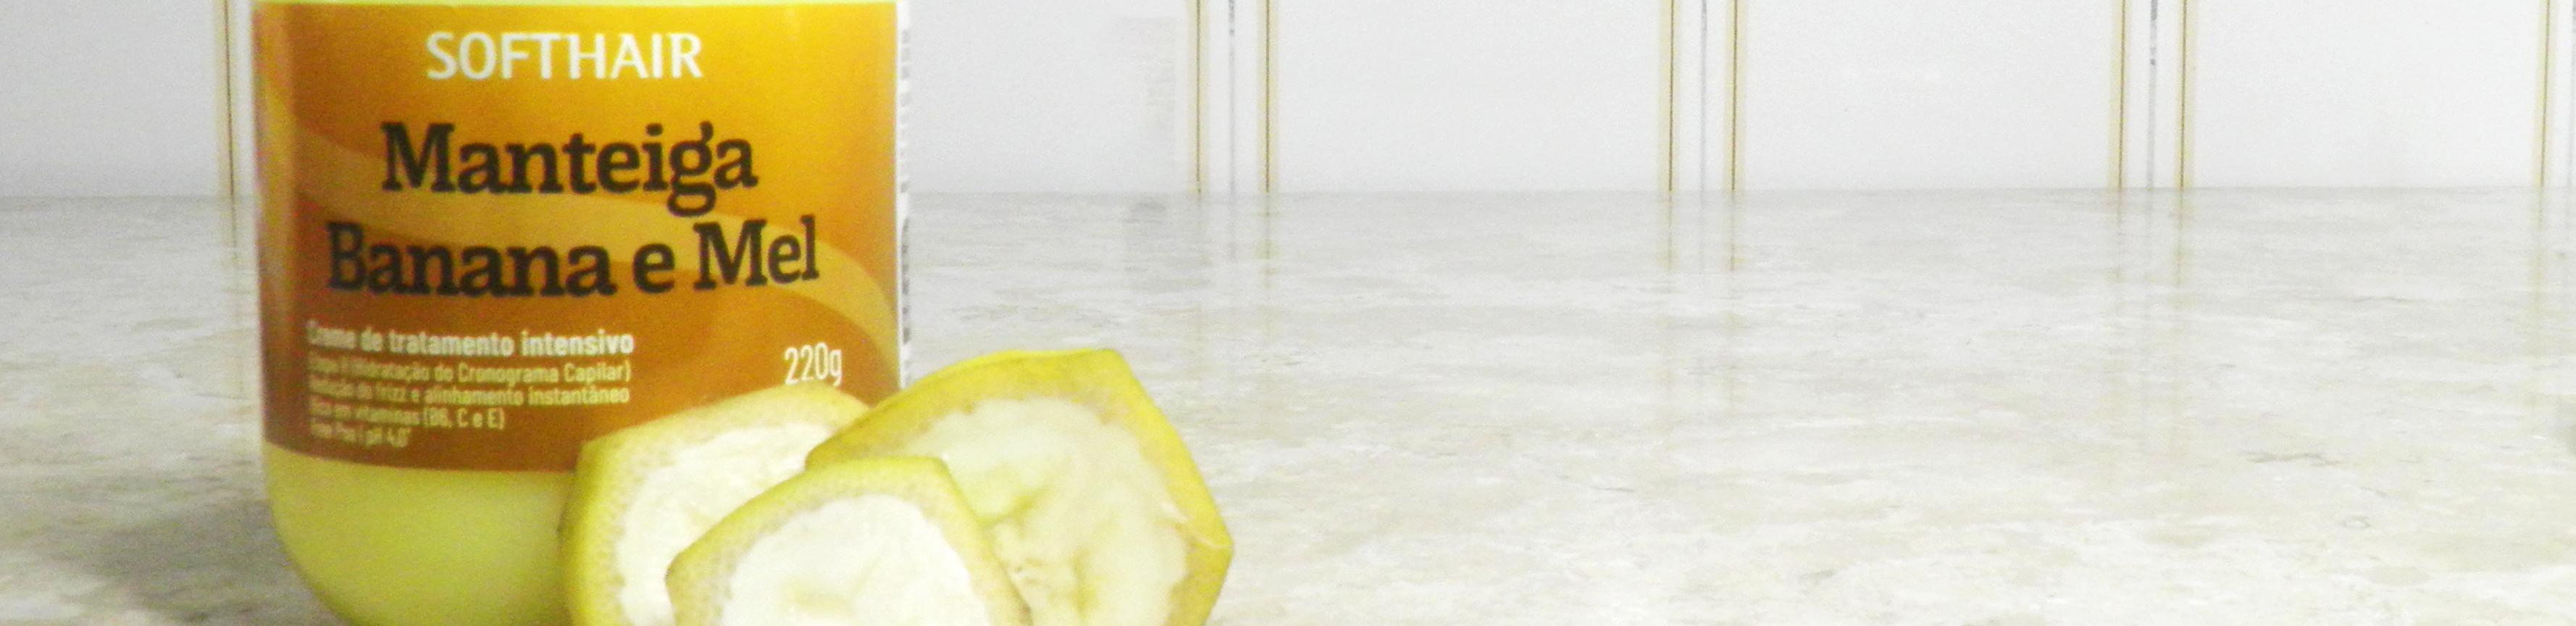 Manteiga de Hidratação Banana e Mel - Soft hair Resenha